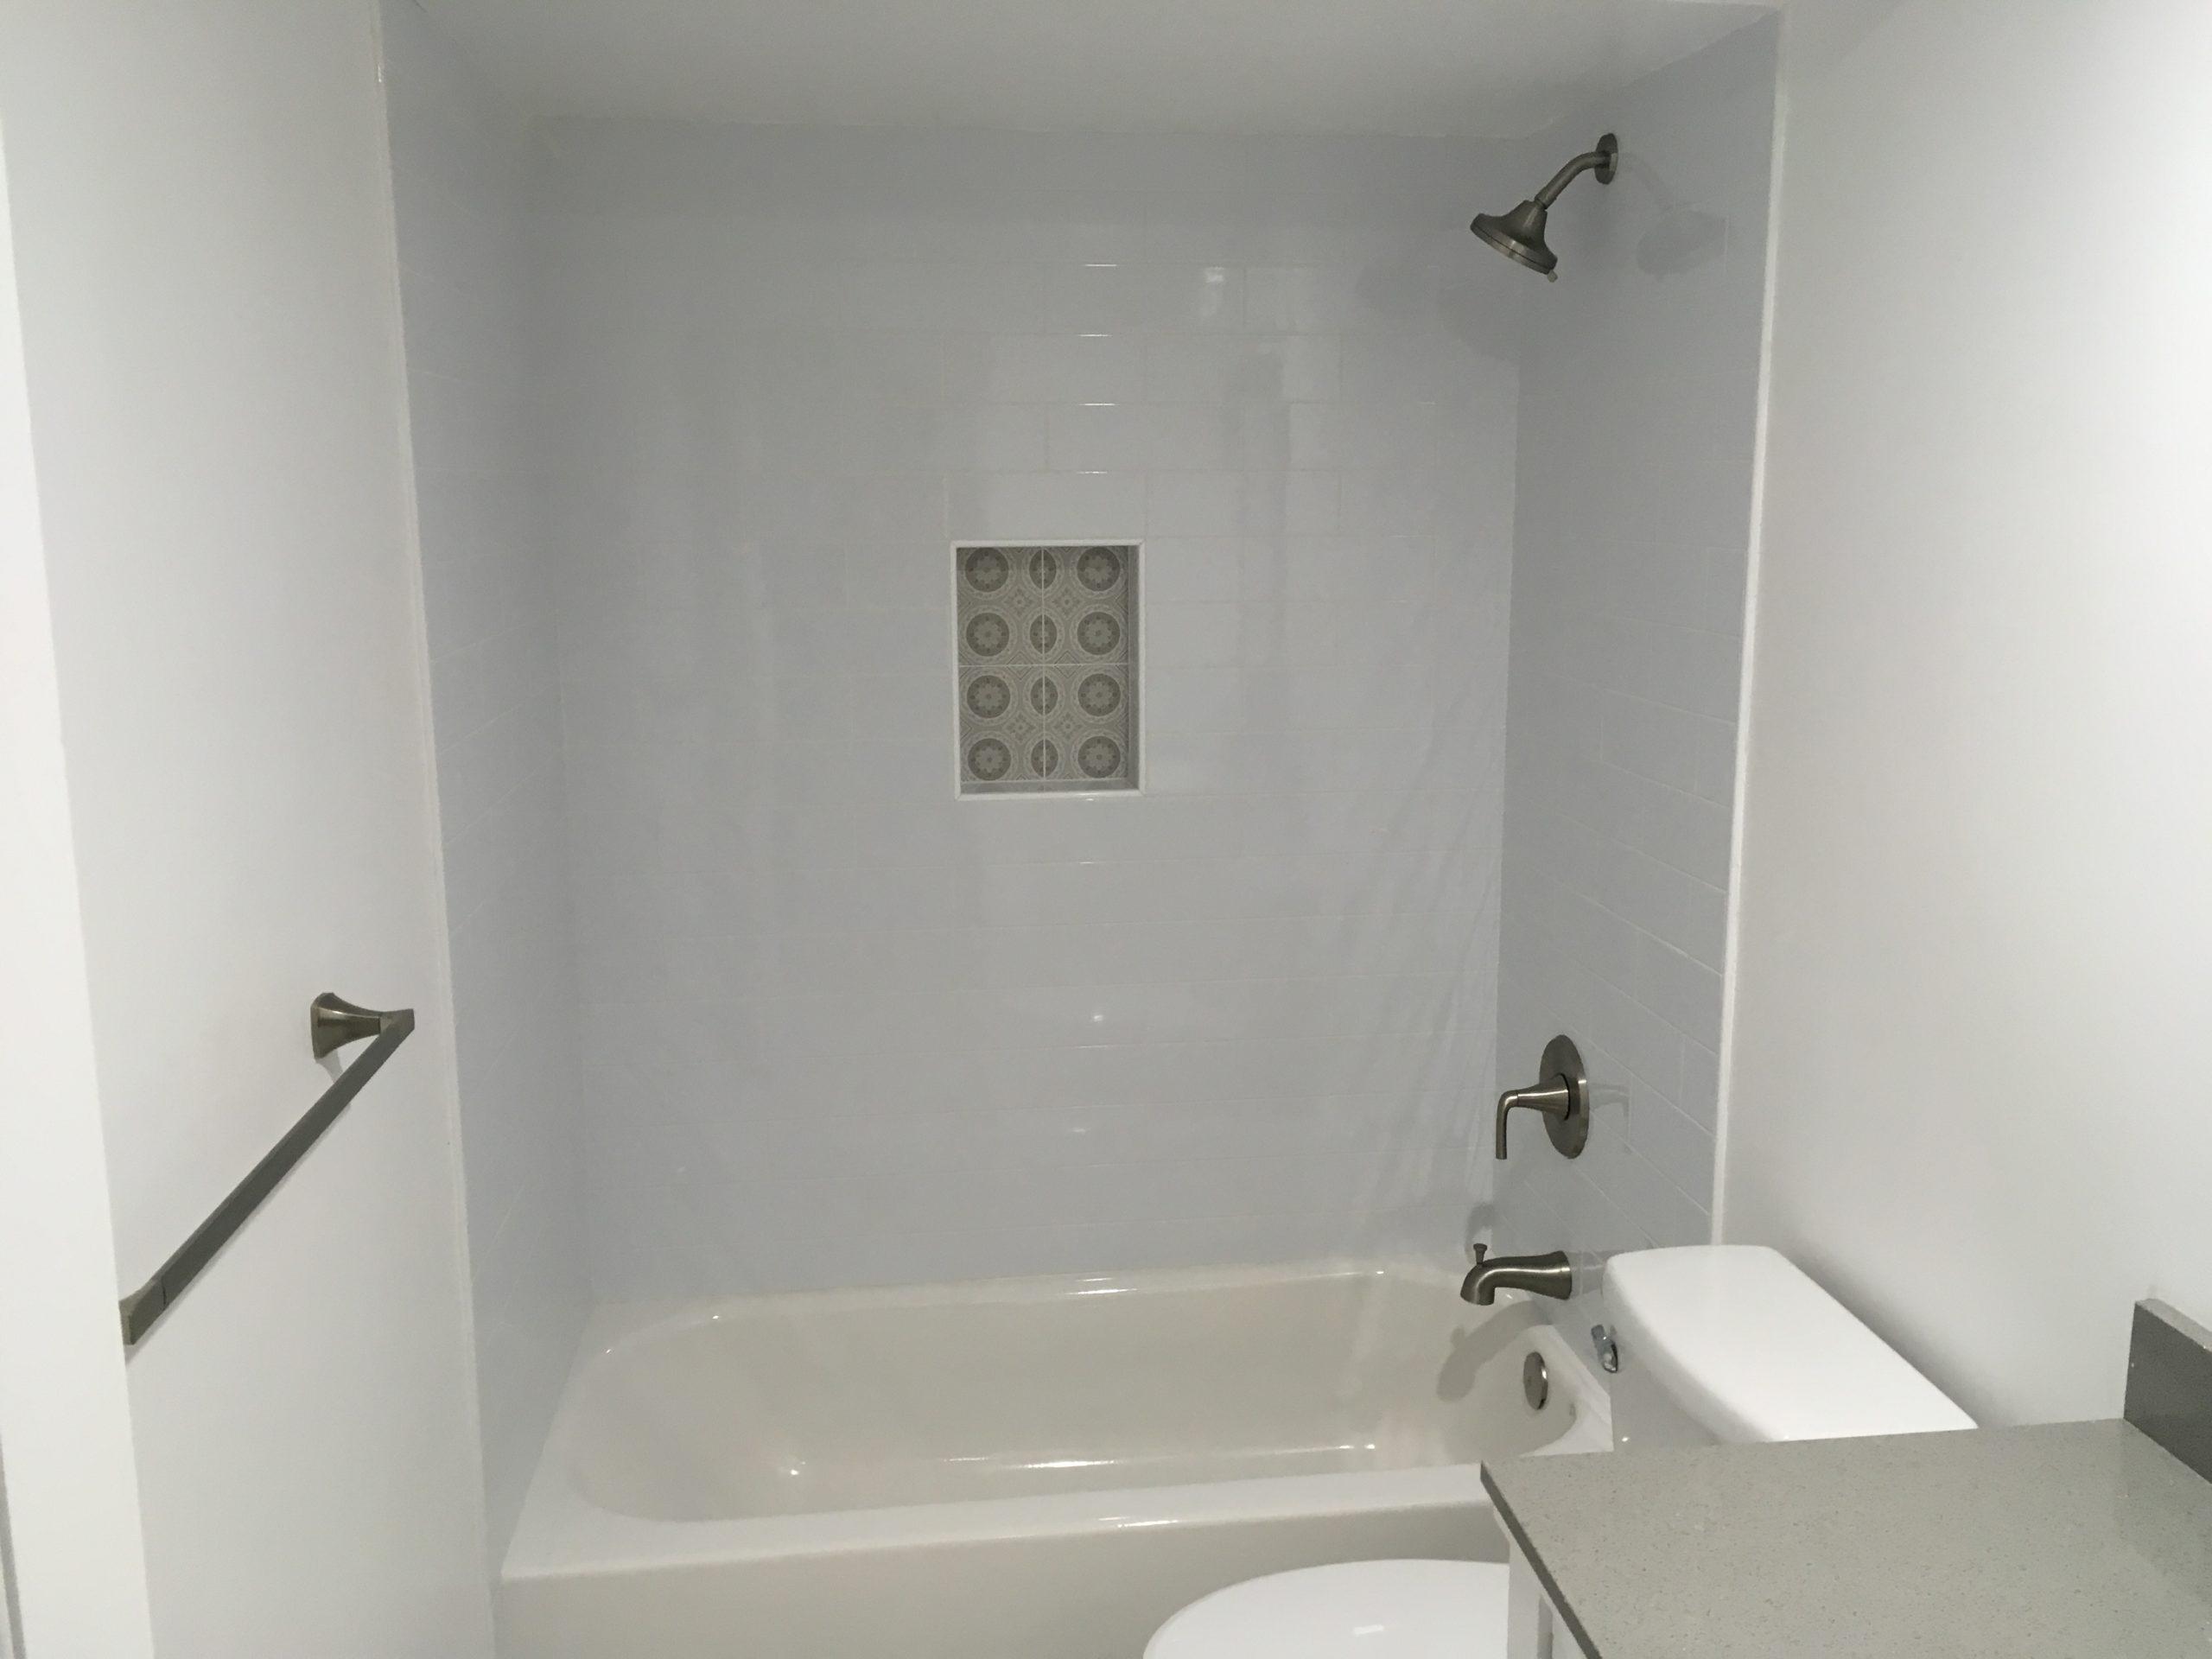 Bathroom Remodeling Contractor Los Angeles | Oran Remodeling